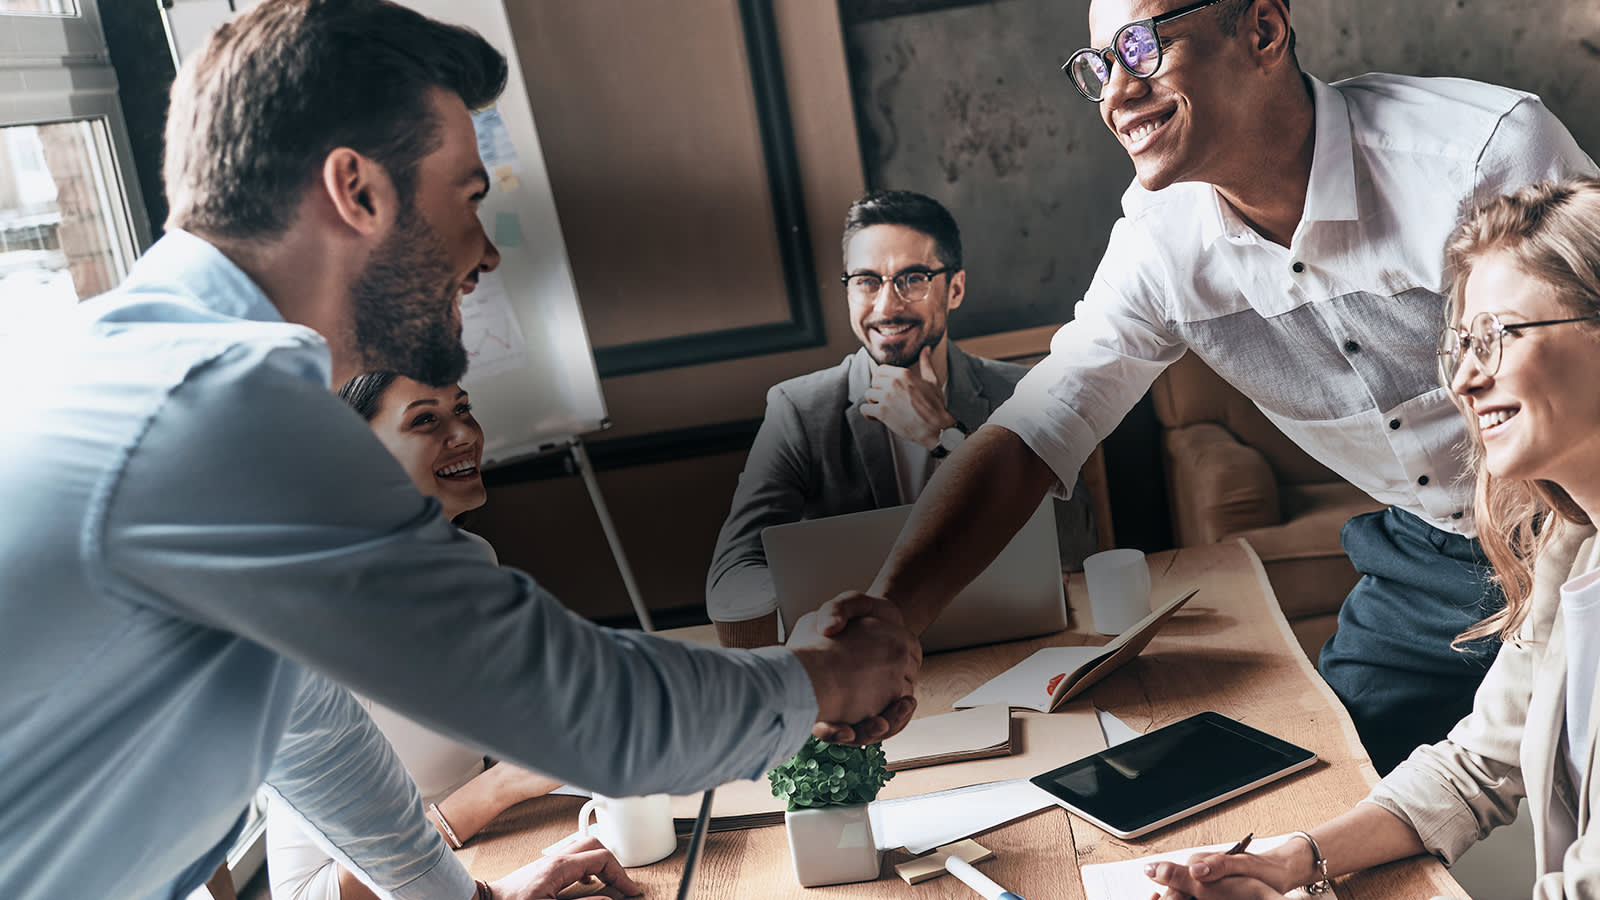 Men shaking hands in meeting